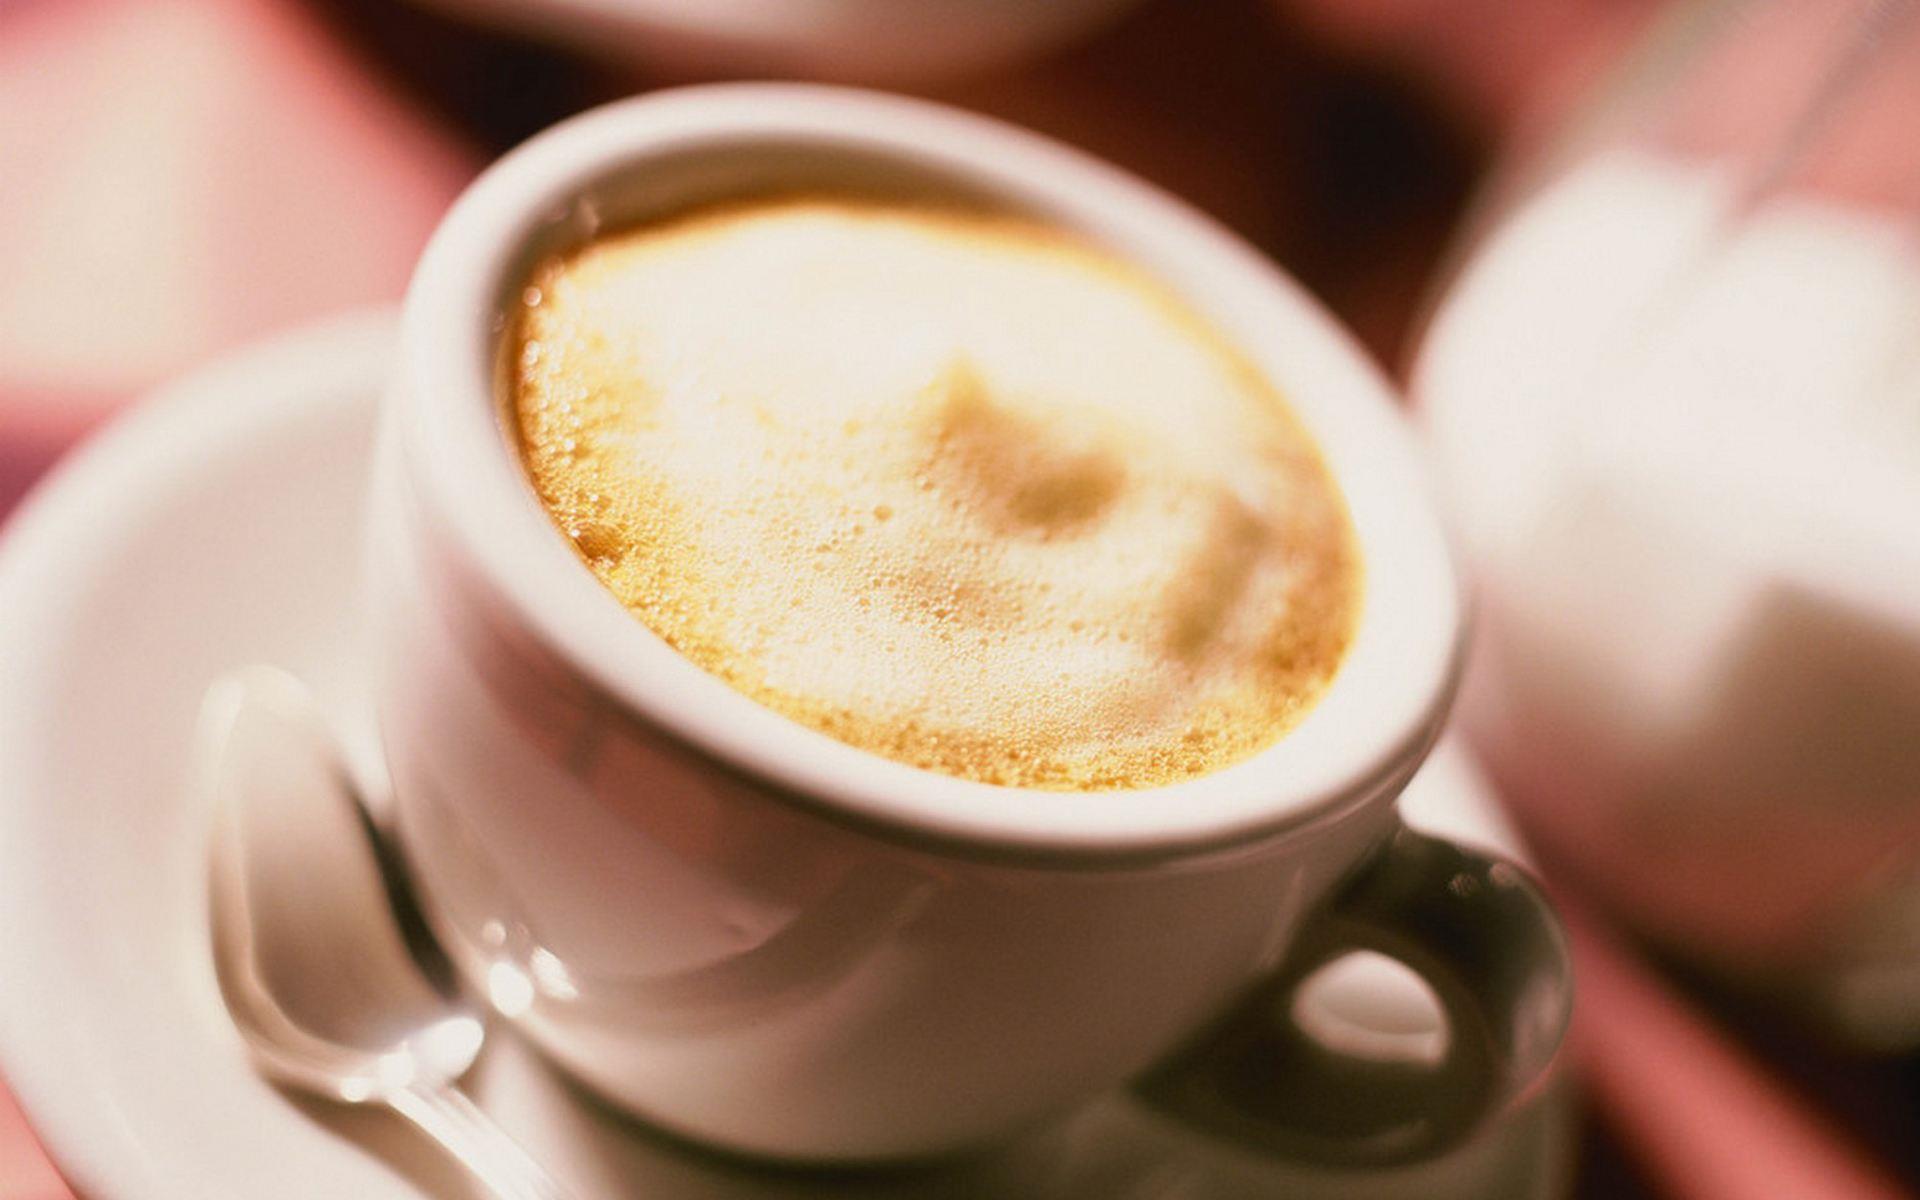 张三疯奶茶店加盟,张三疯欧式奶茶店加盟